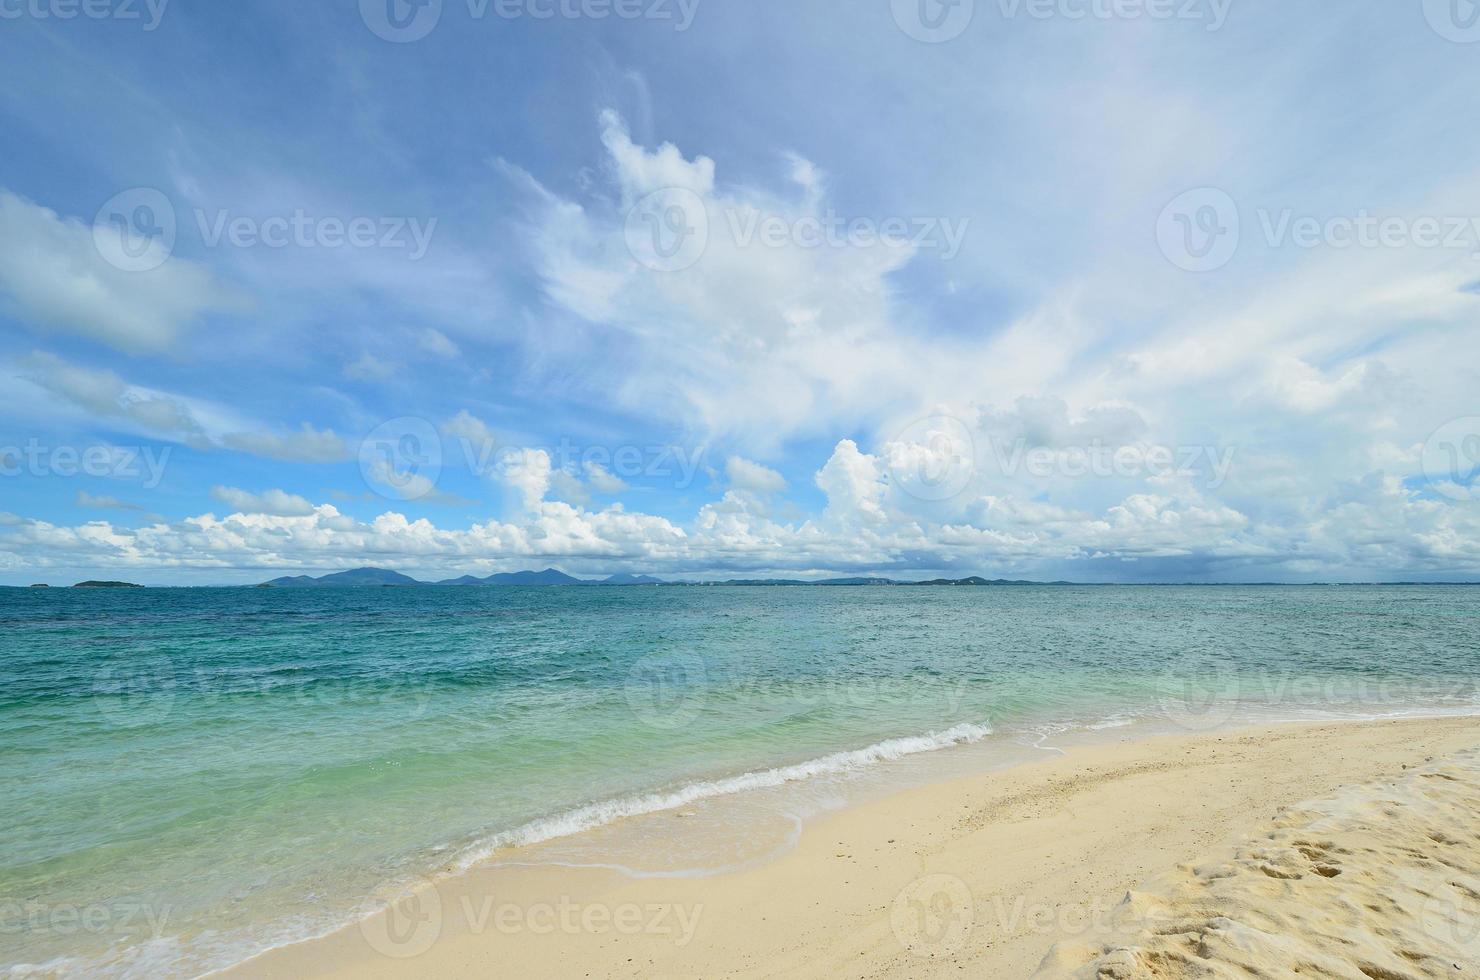 pacífica playa de arena blanca en la isla de talu foto